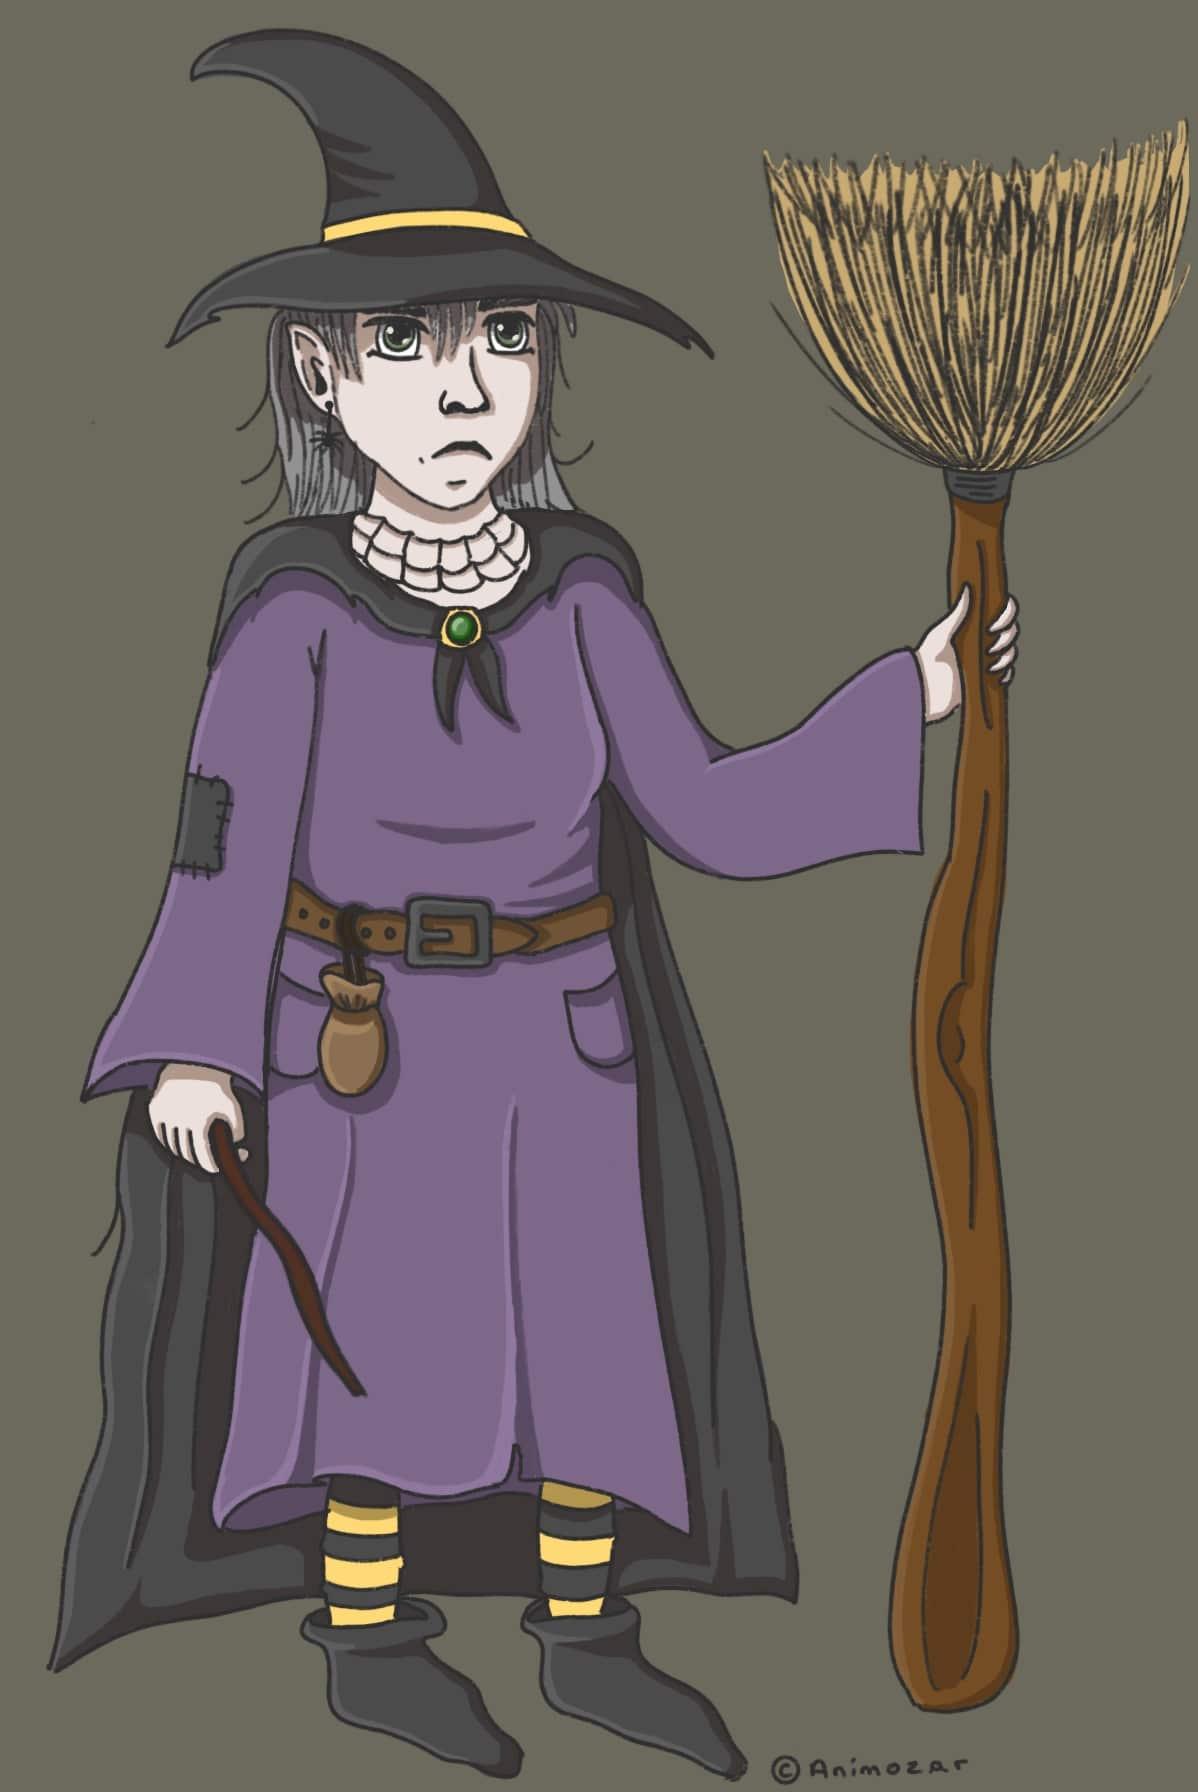 La sorcière triste Animozar